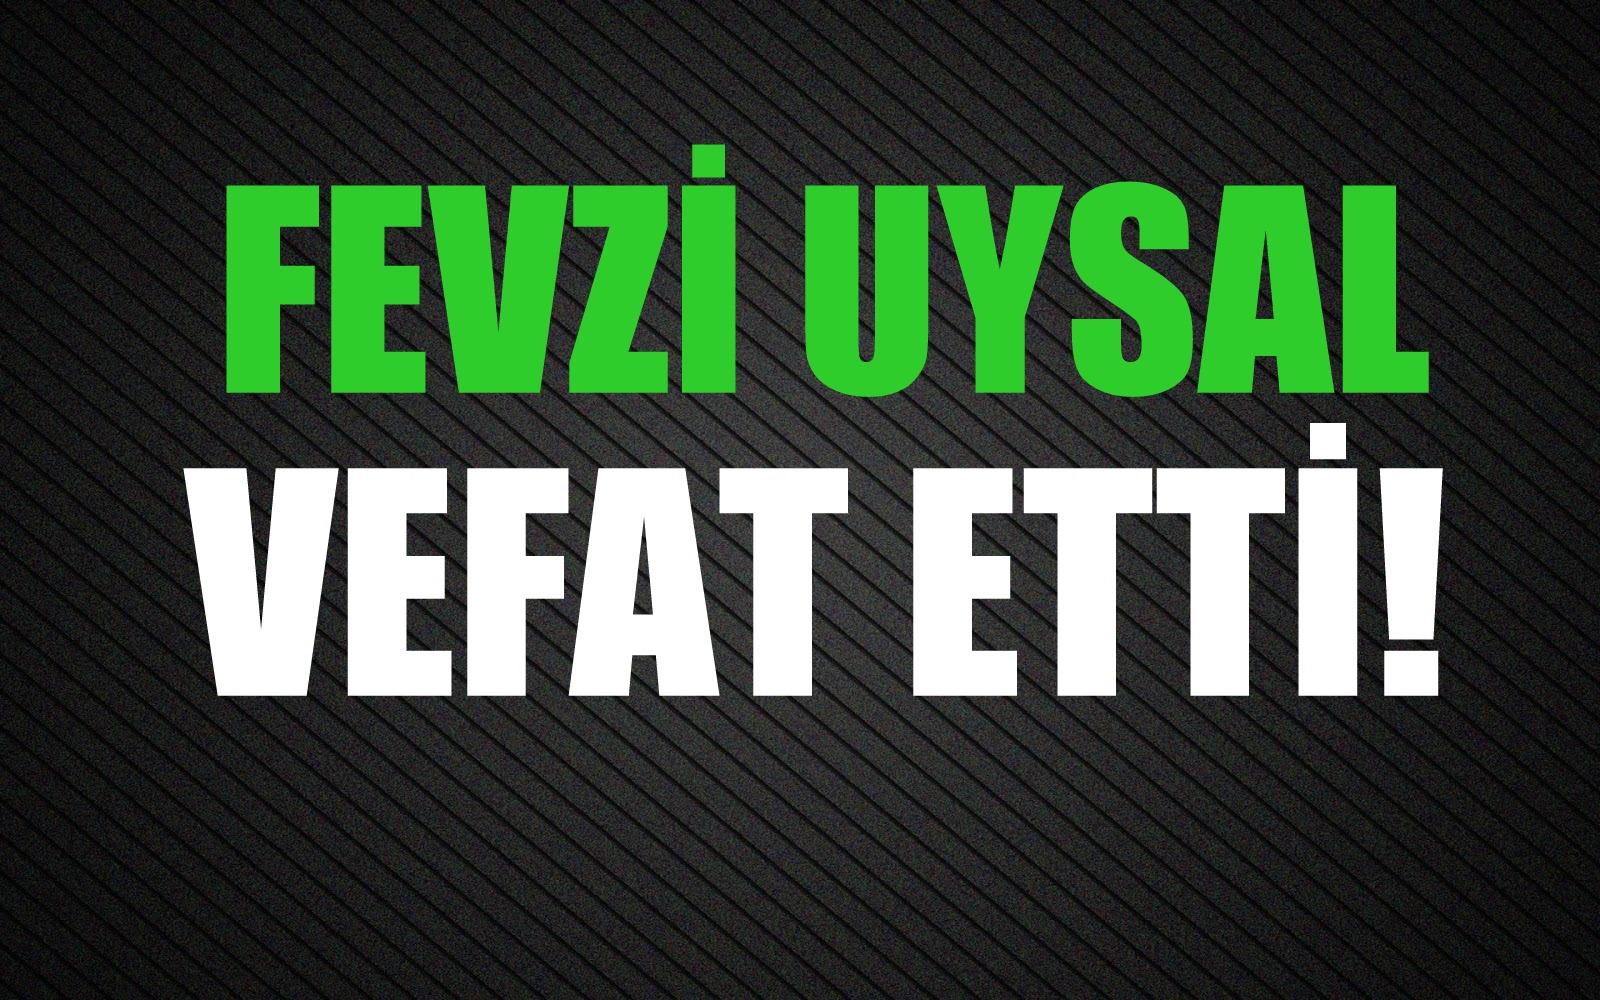 UYSAL AİLESİNİN ACI GÜNÜ!..